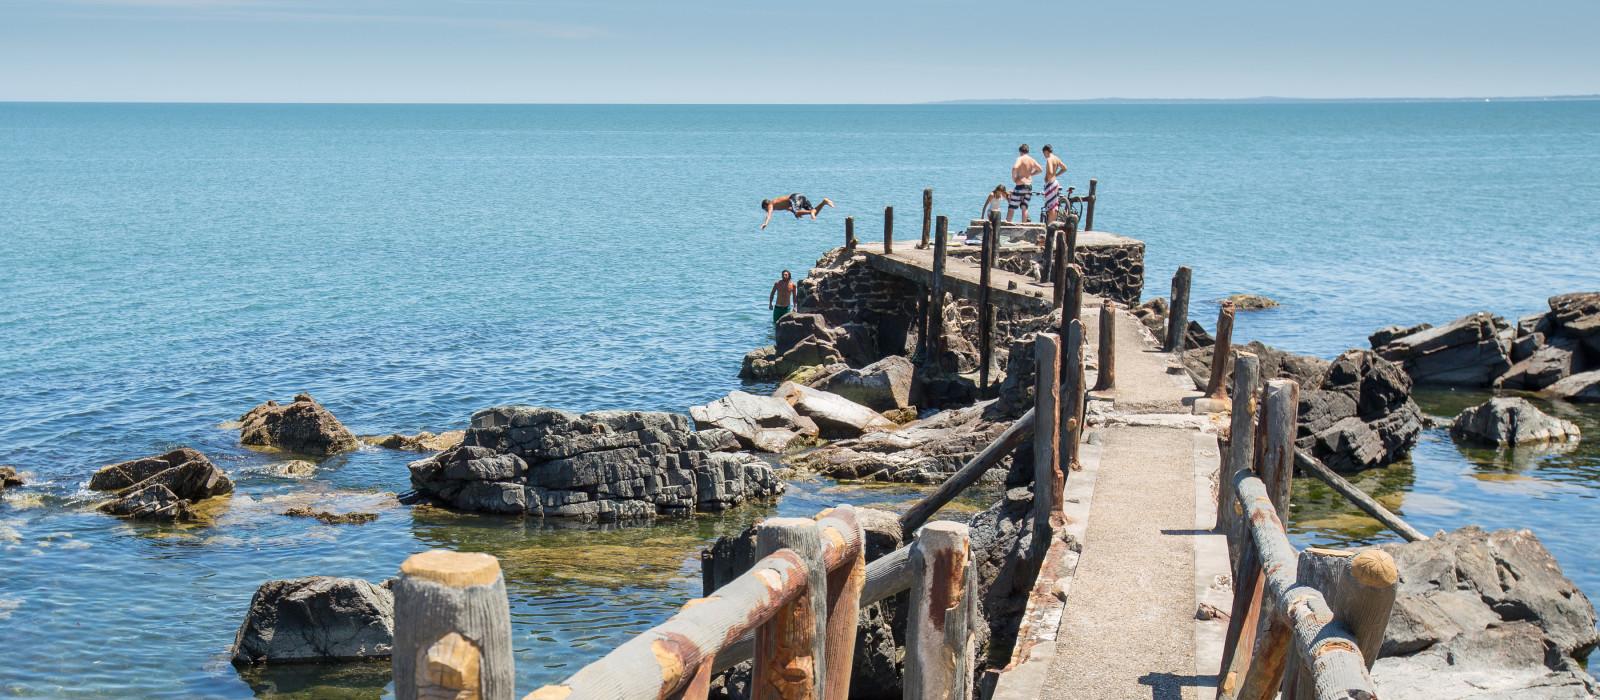 Schwimmer springen vom Steg in den Rio de la Plata, Uruguay